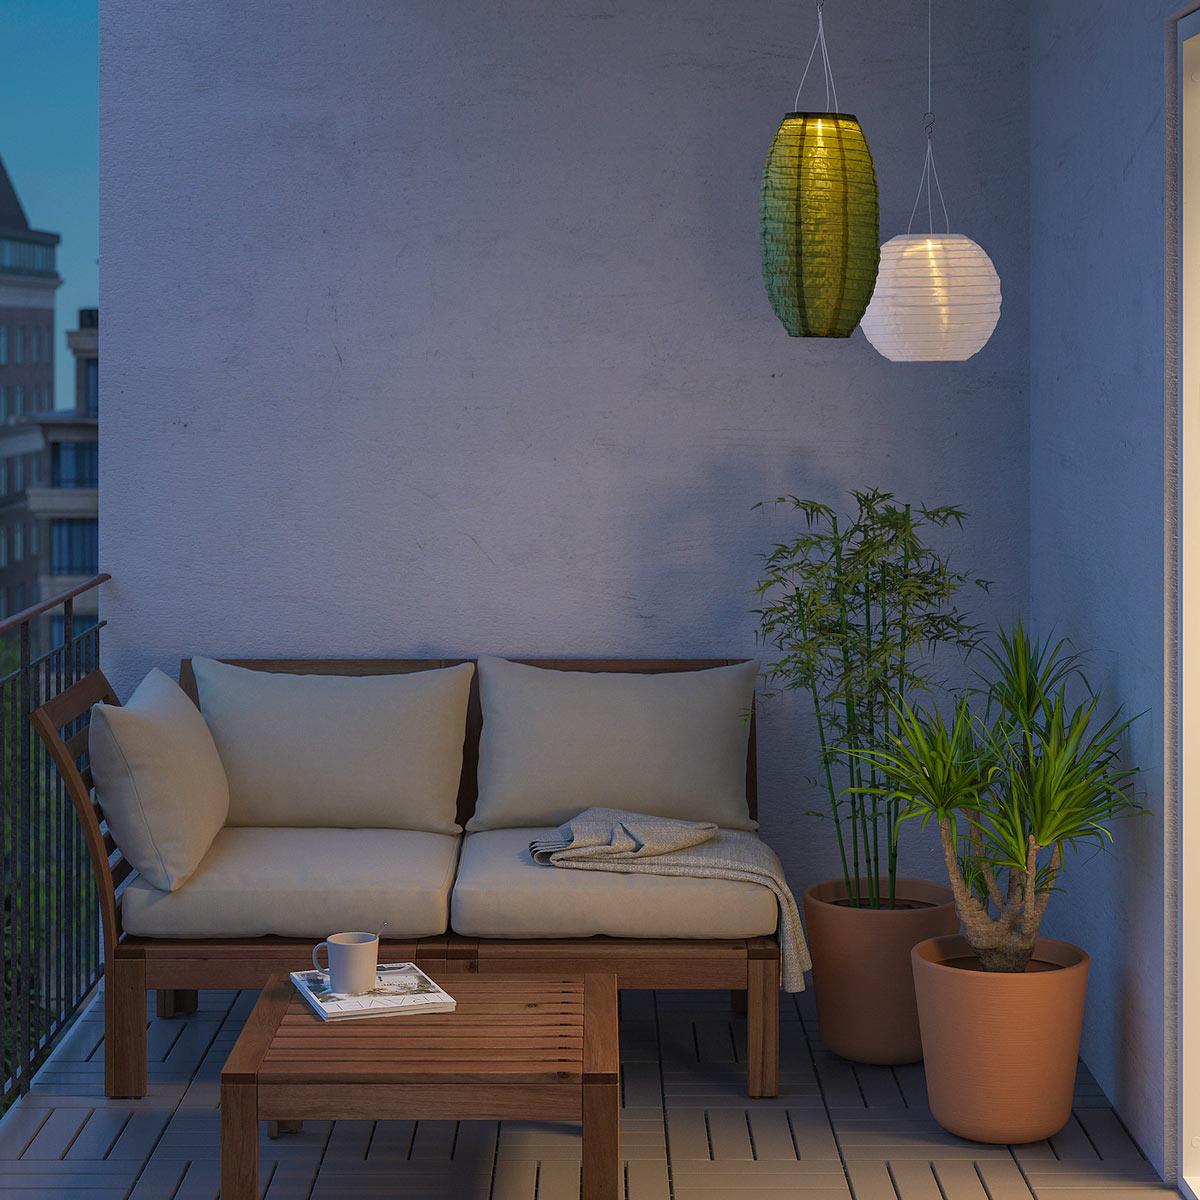 Lampada a sospensione IKEA per esterno ad energia solare.